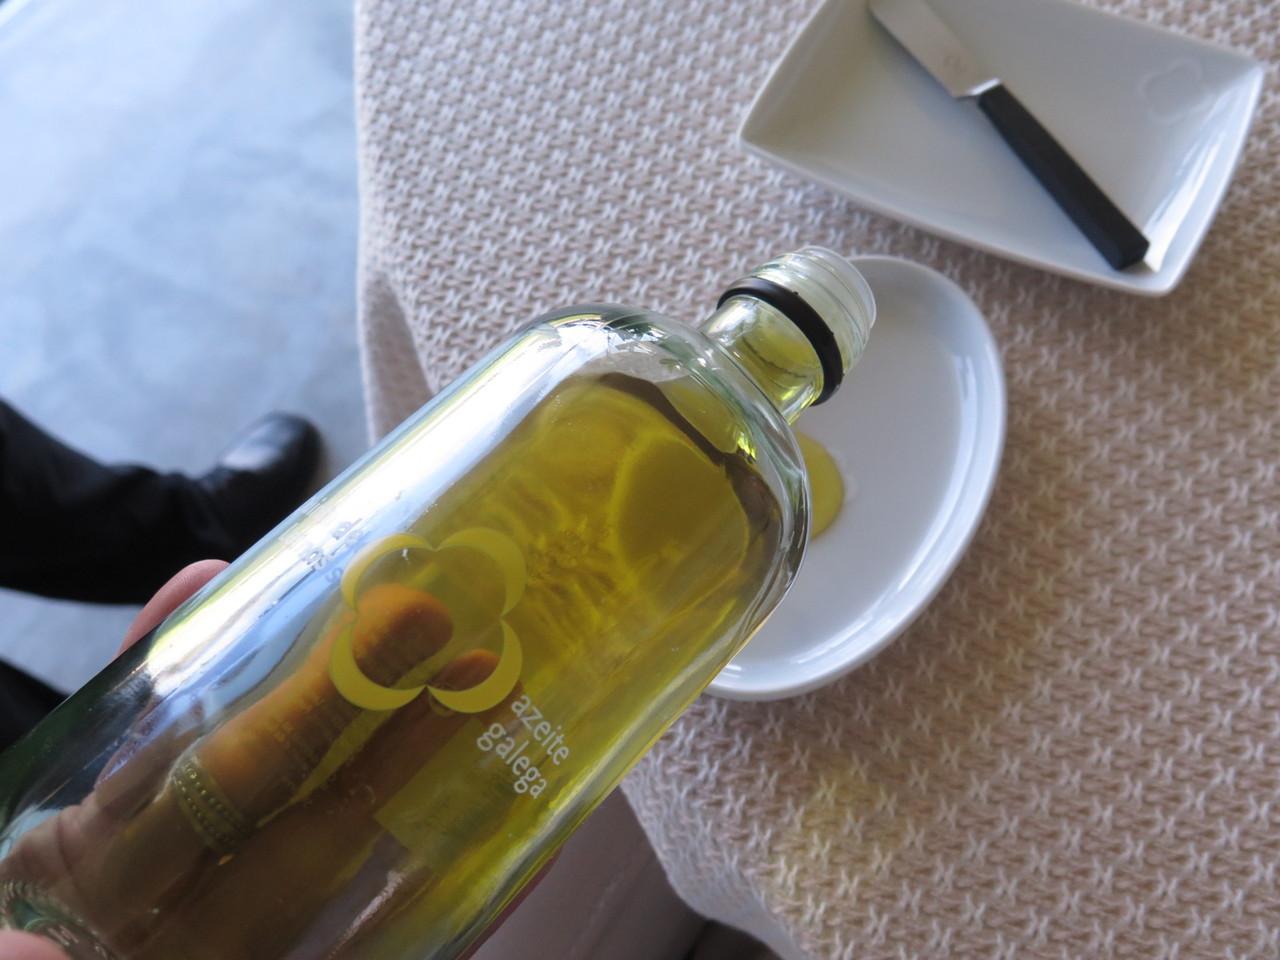 Azeite Quinta de Lemos